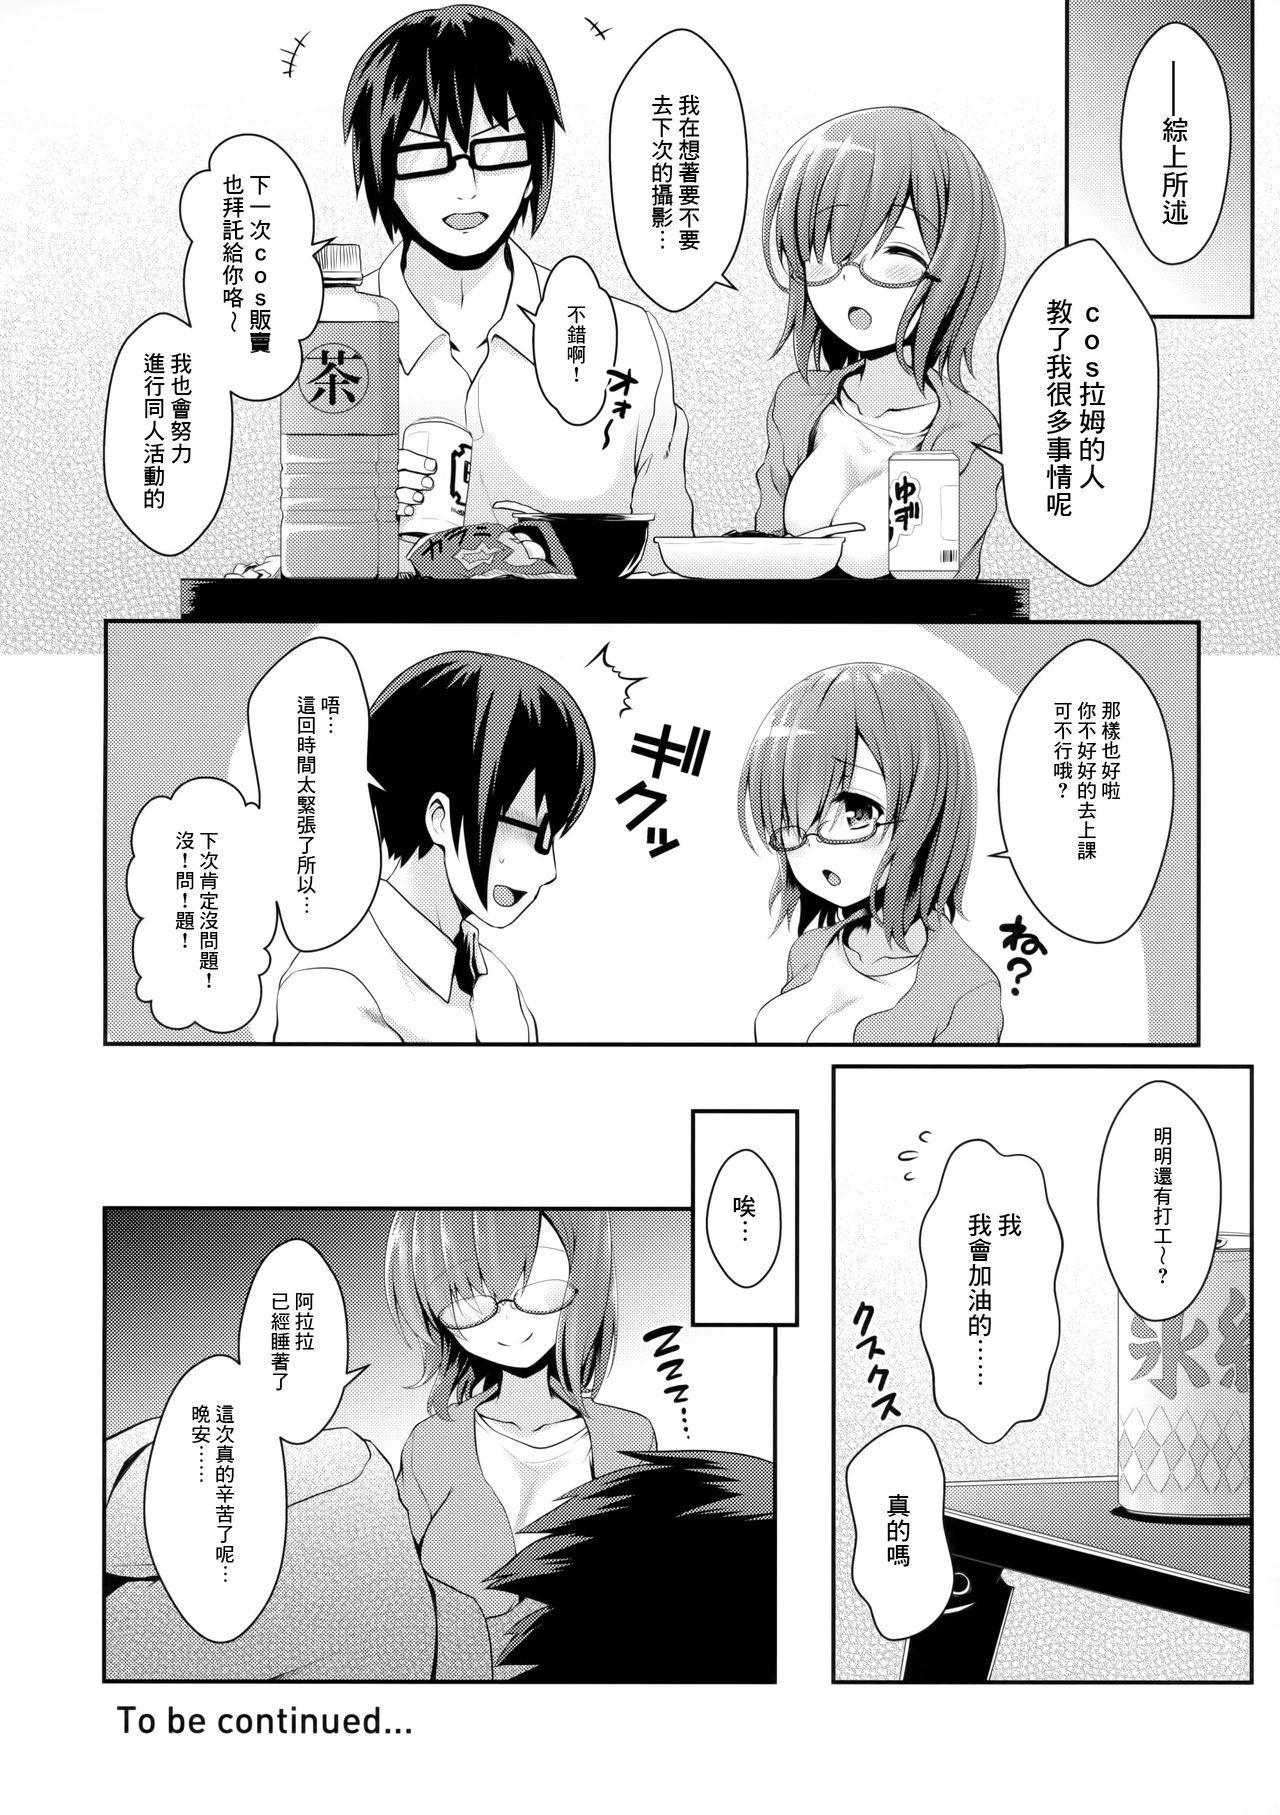 Zero kara Hajimeru Cosplay Seikatsu 19